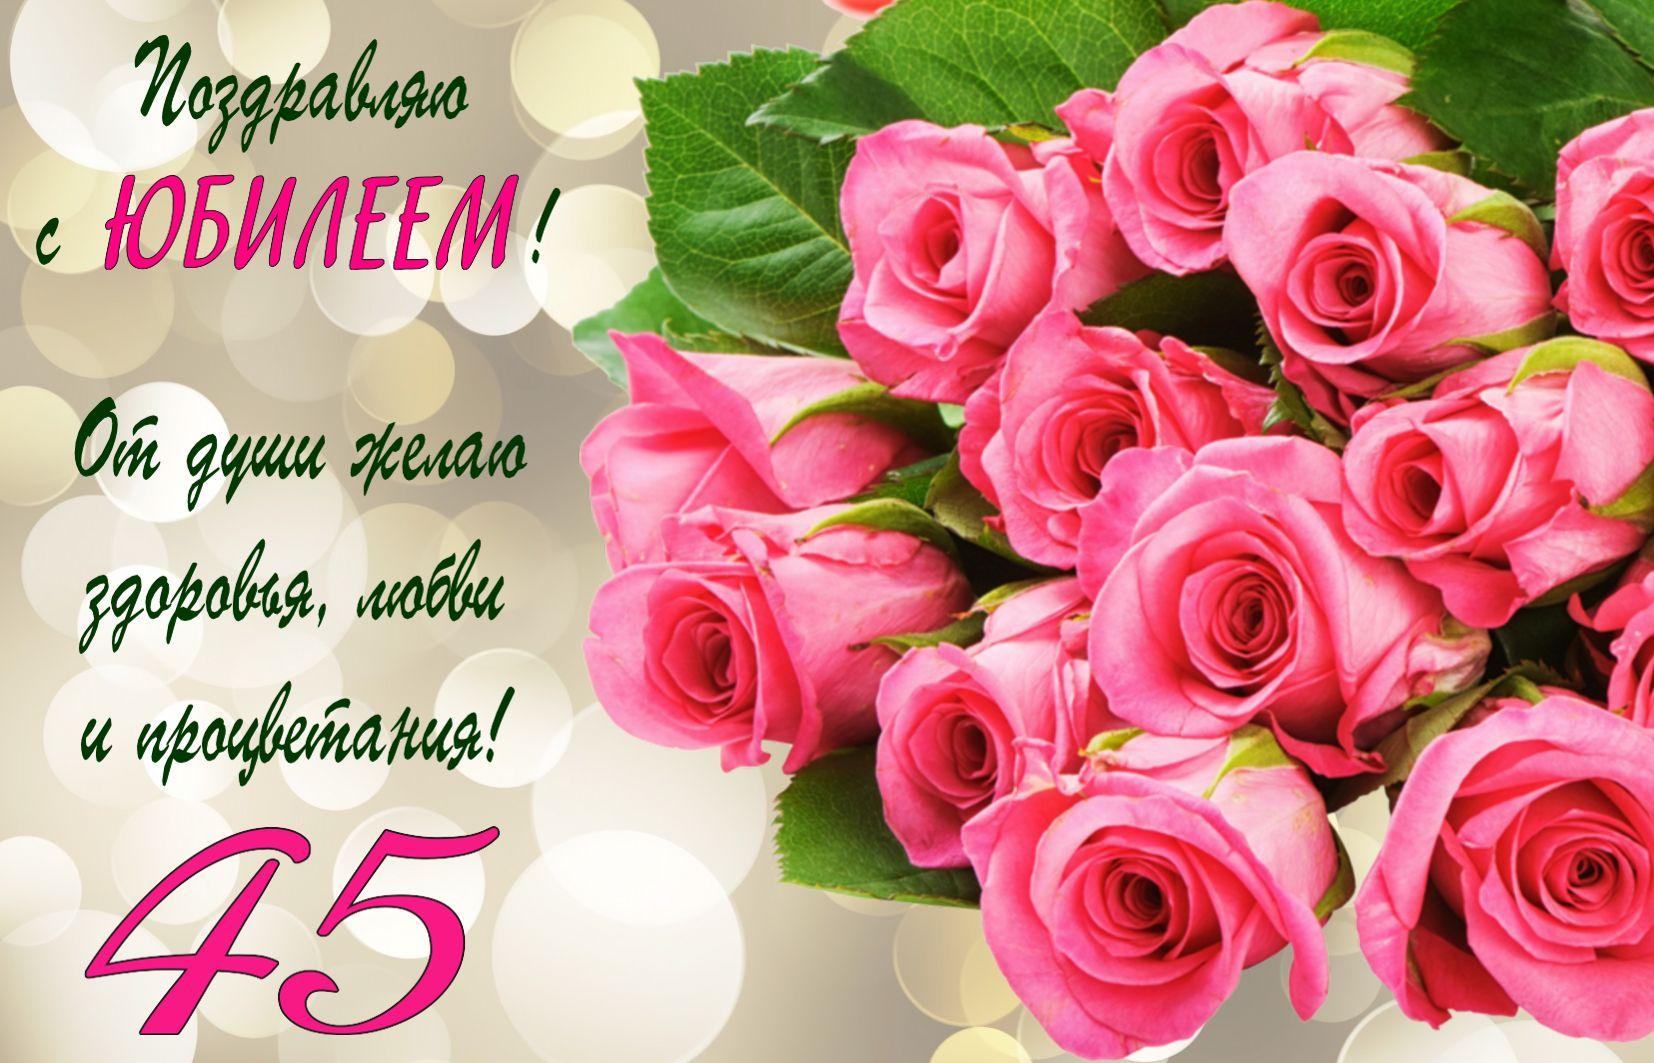 Открытка - букет розовых роз на 45 День рождения